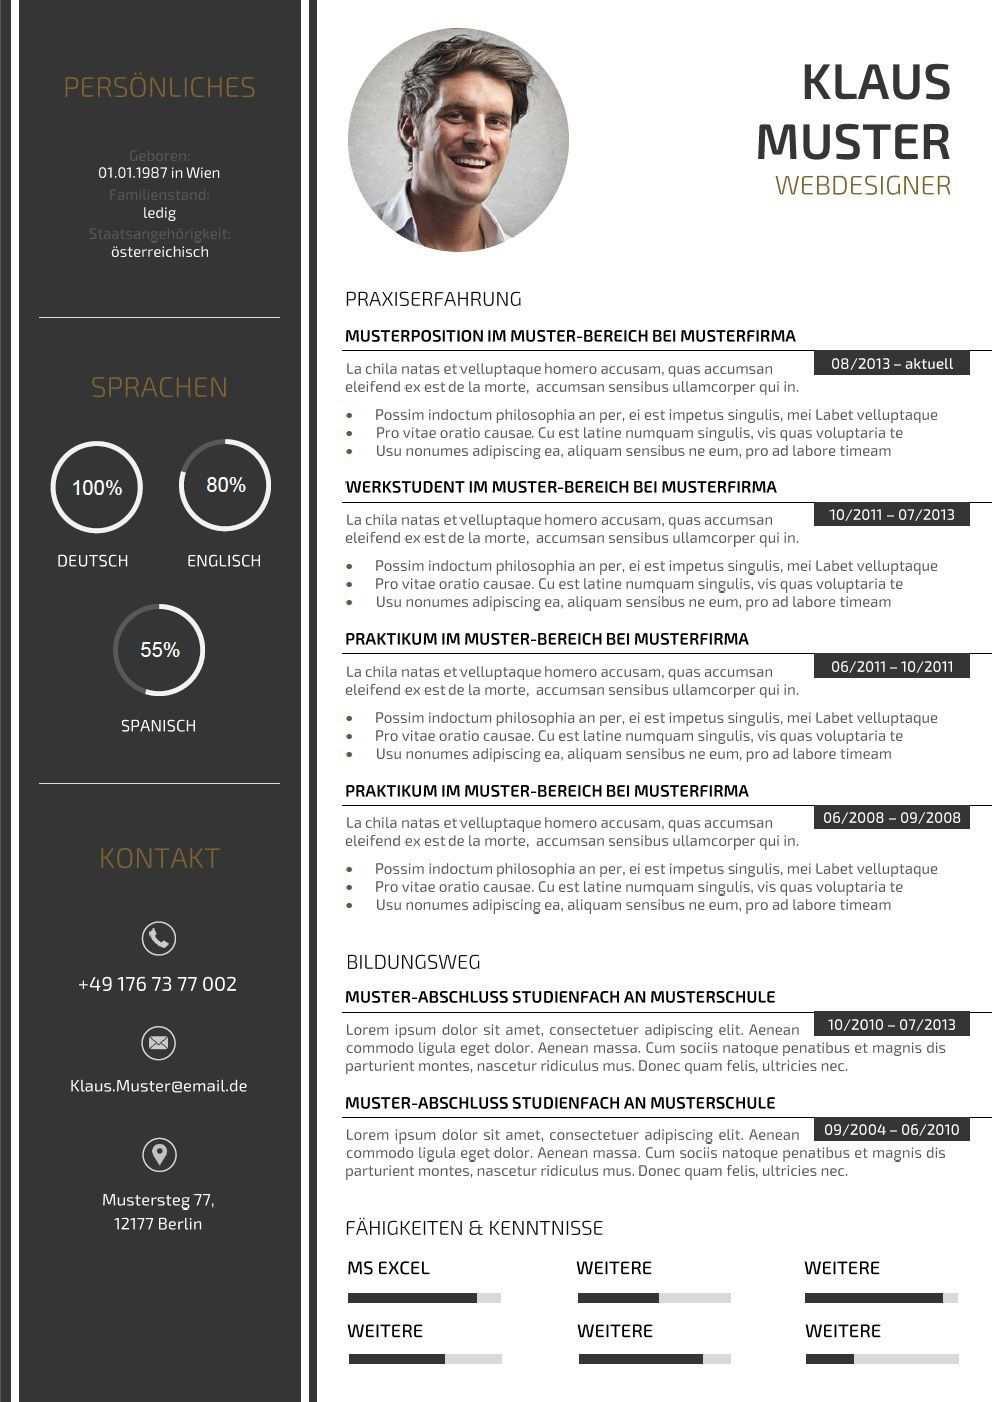 44 Lebenslauf Muster Vorlagen Fur Die Bewerbung 2015 Mit